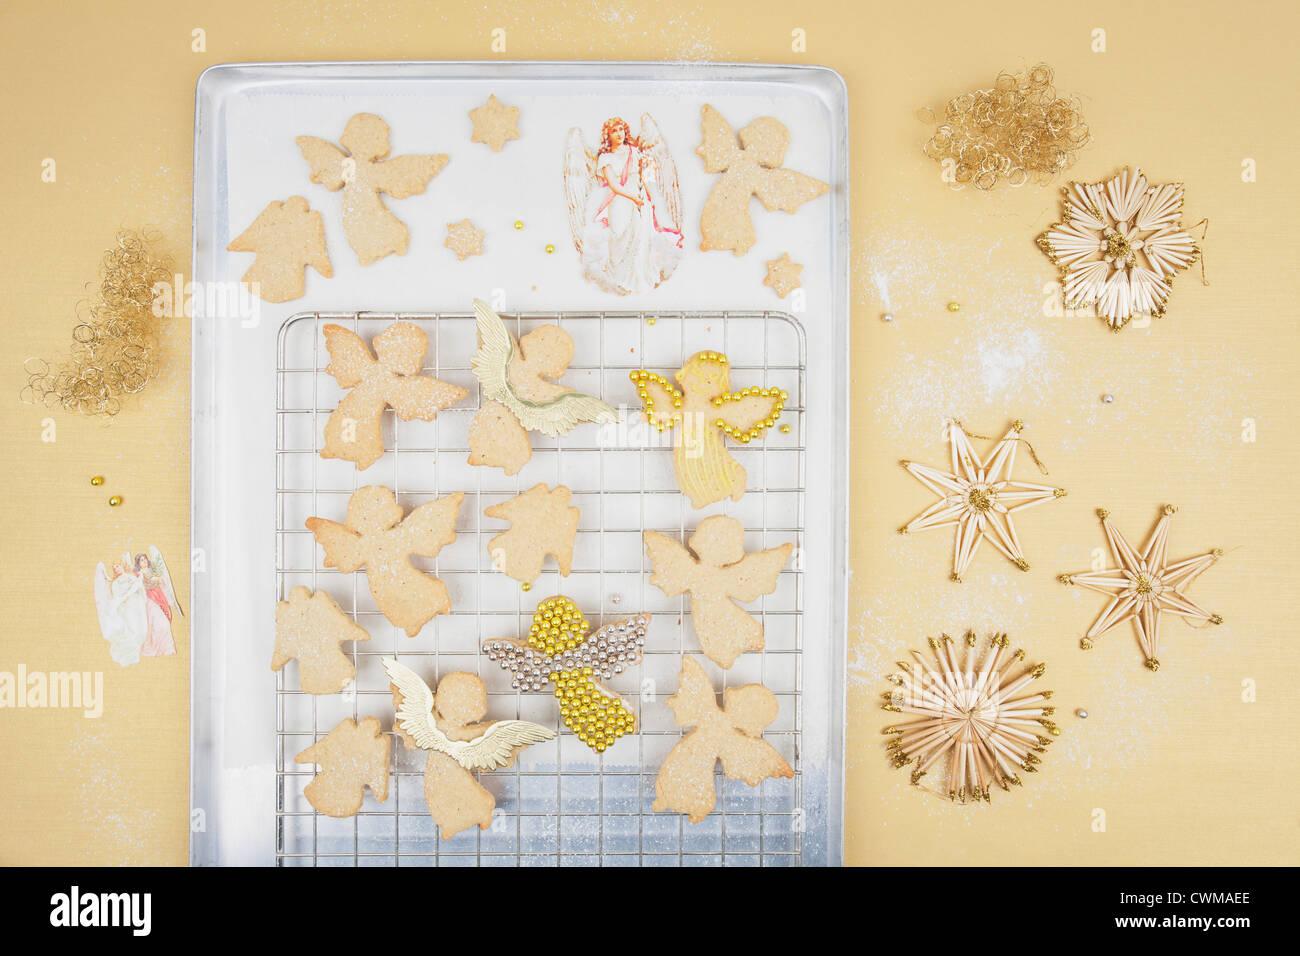 Freshly Baked Christmas Angel Cookies Stock Photos Freshly Baked